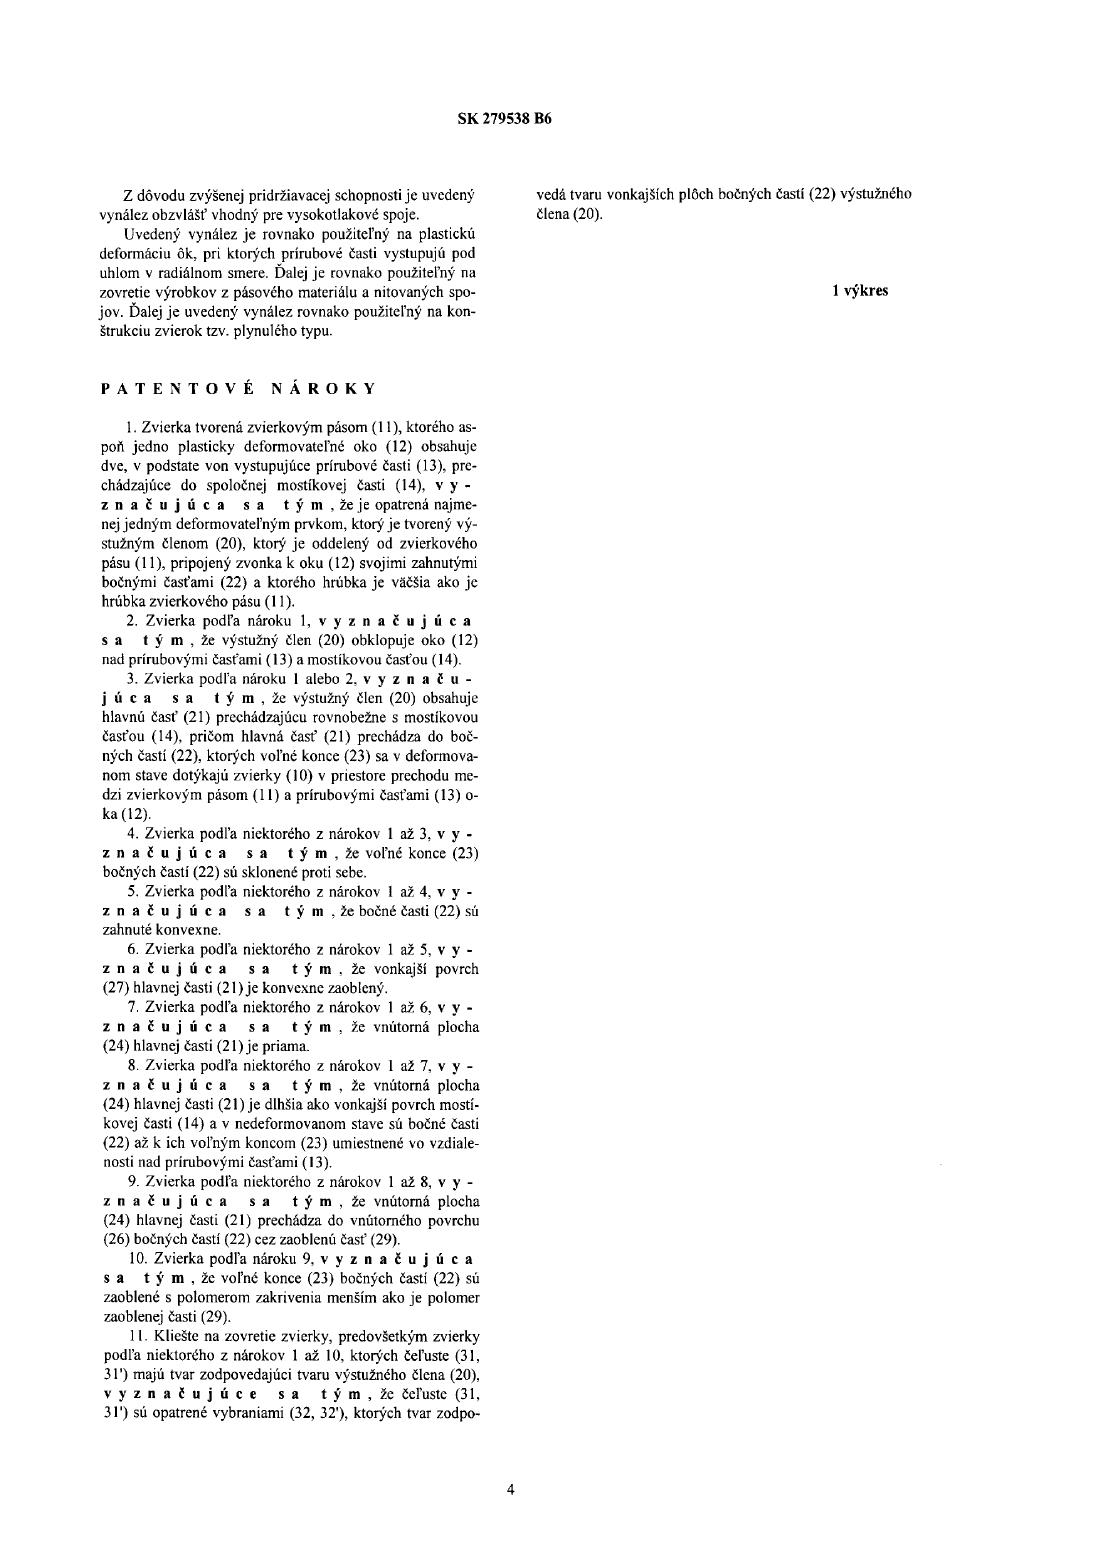 Zvierka A Klieste Na Jej Zovretie 18 03 1992 279538 Databaza